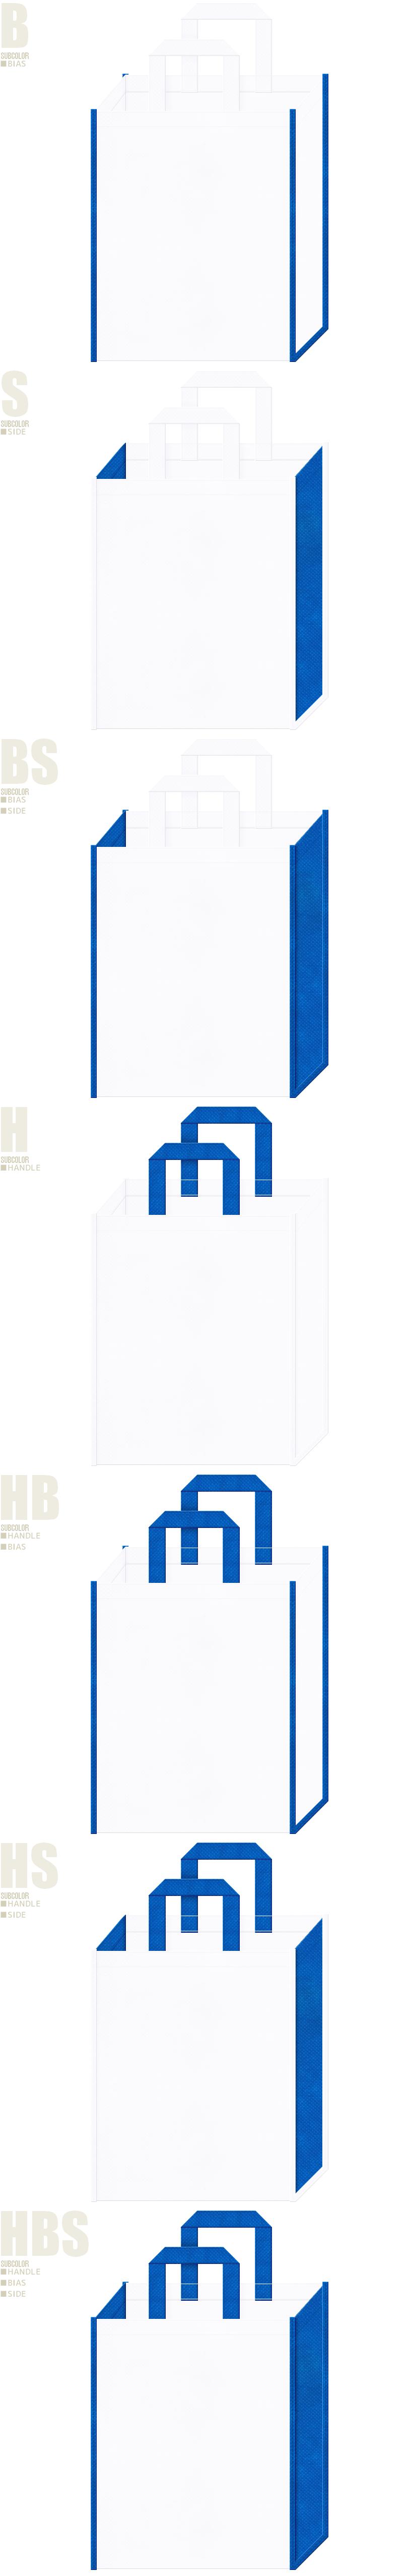 不織布バッグのデザイン:-不織布メインカラーNo.15+サブカラーNo.22の2色7パターン